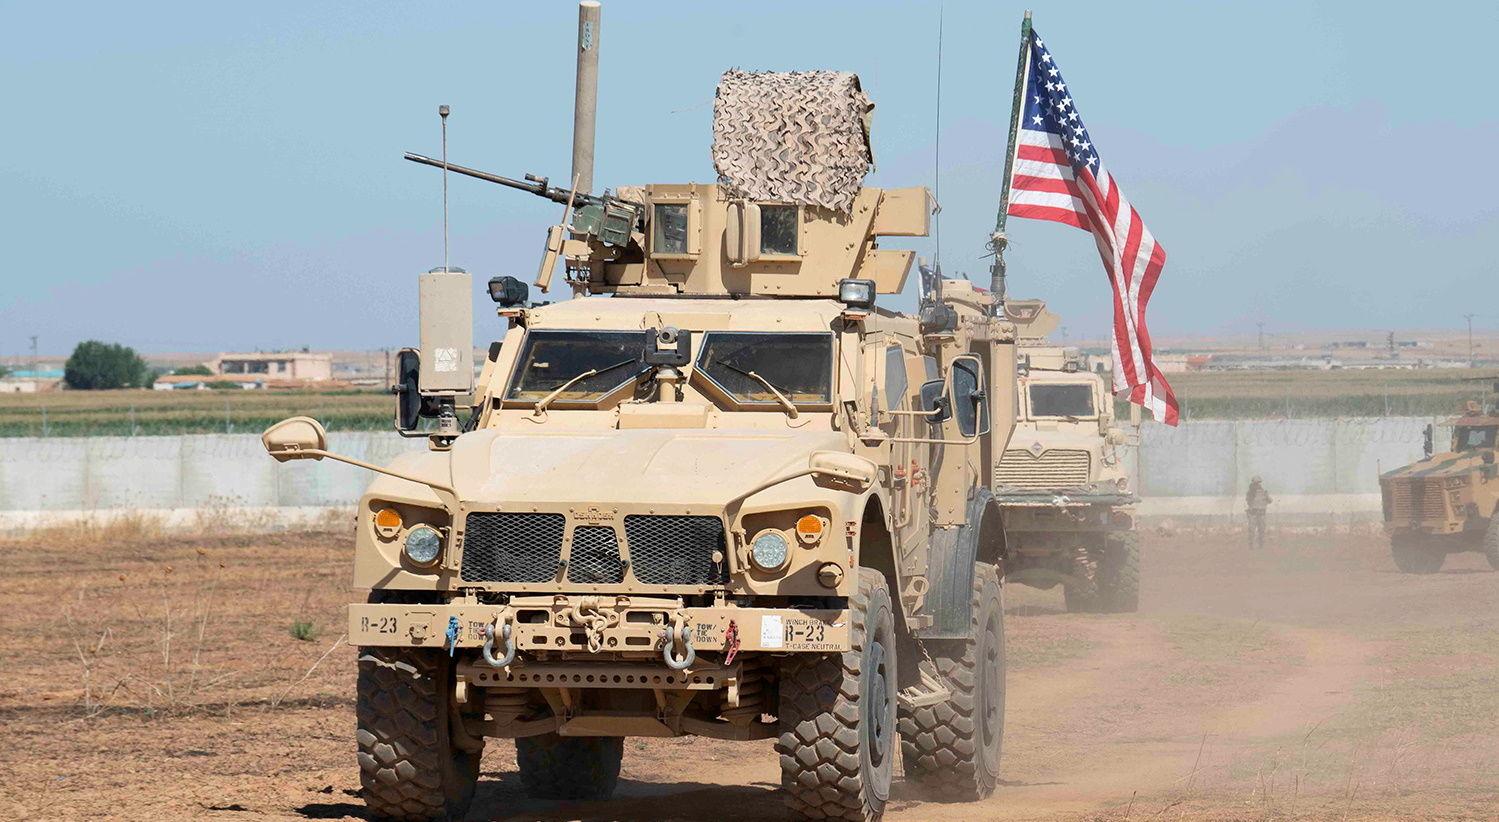 Байден наносит первый удар: США атаковали иранский объект в Сирии